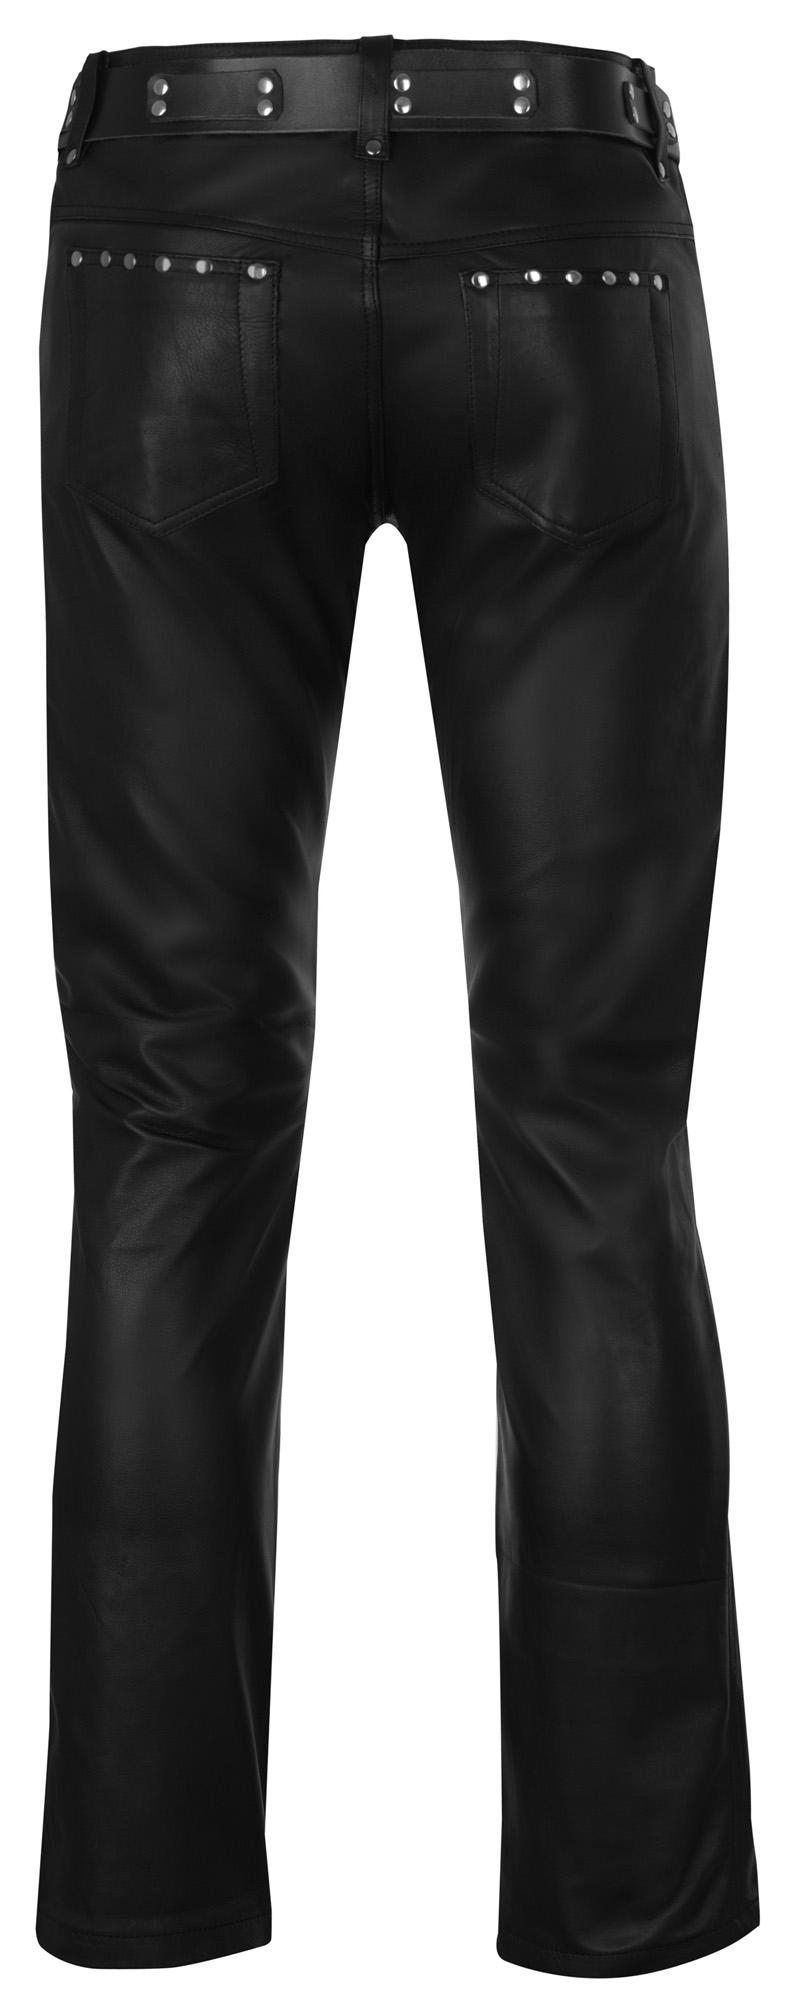 desiger lederhose neu schwarz leather trousers new pants. Black Bedroom Furniture Sets. Home Design Ideas